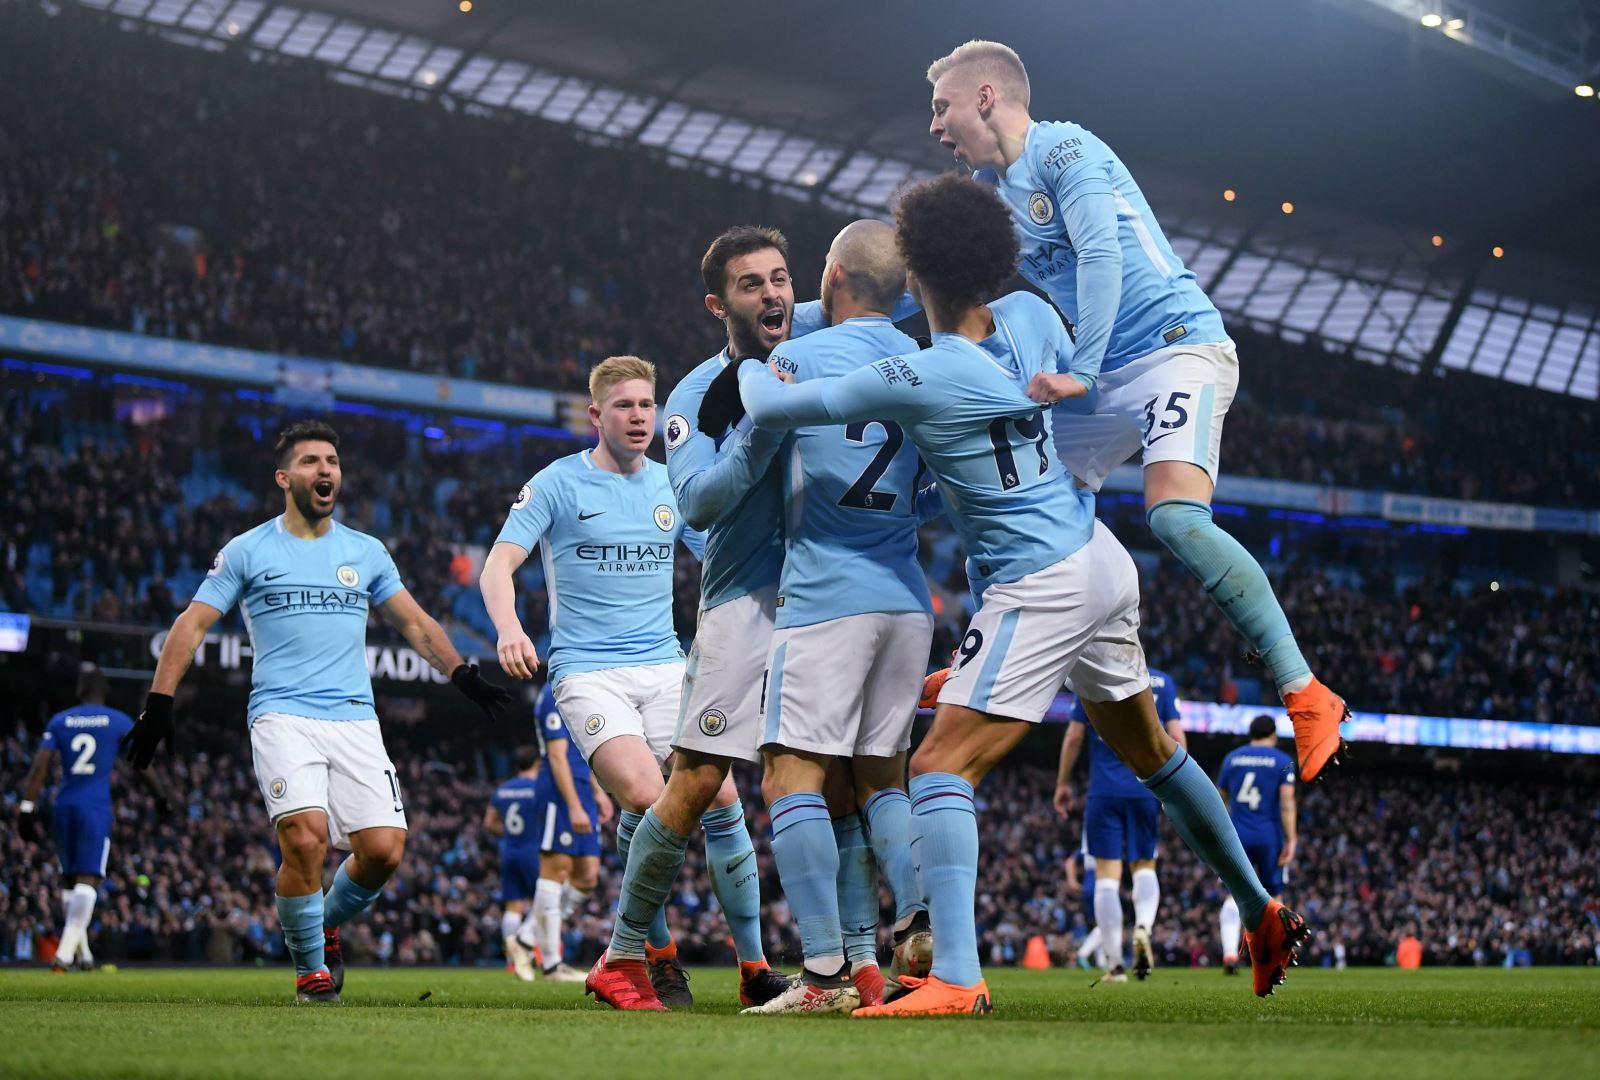 Kết quả hình ảnh cho Manchester City 2019